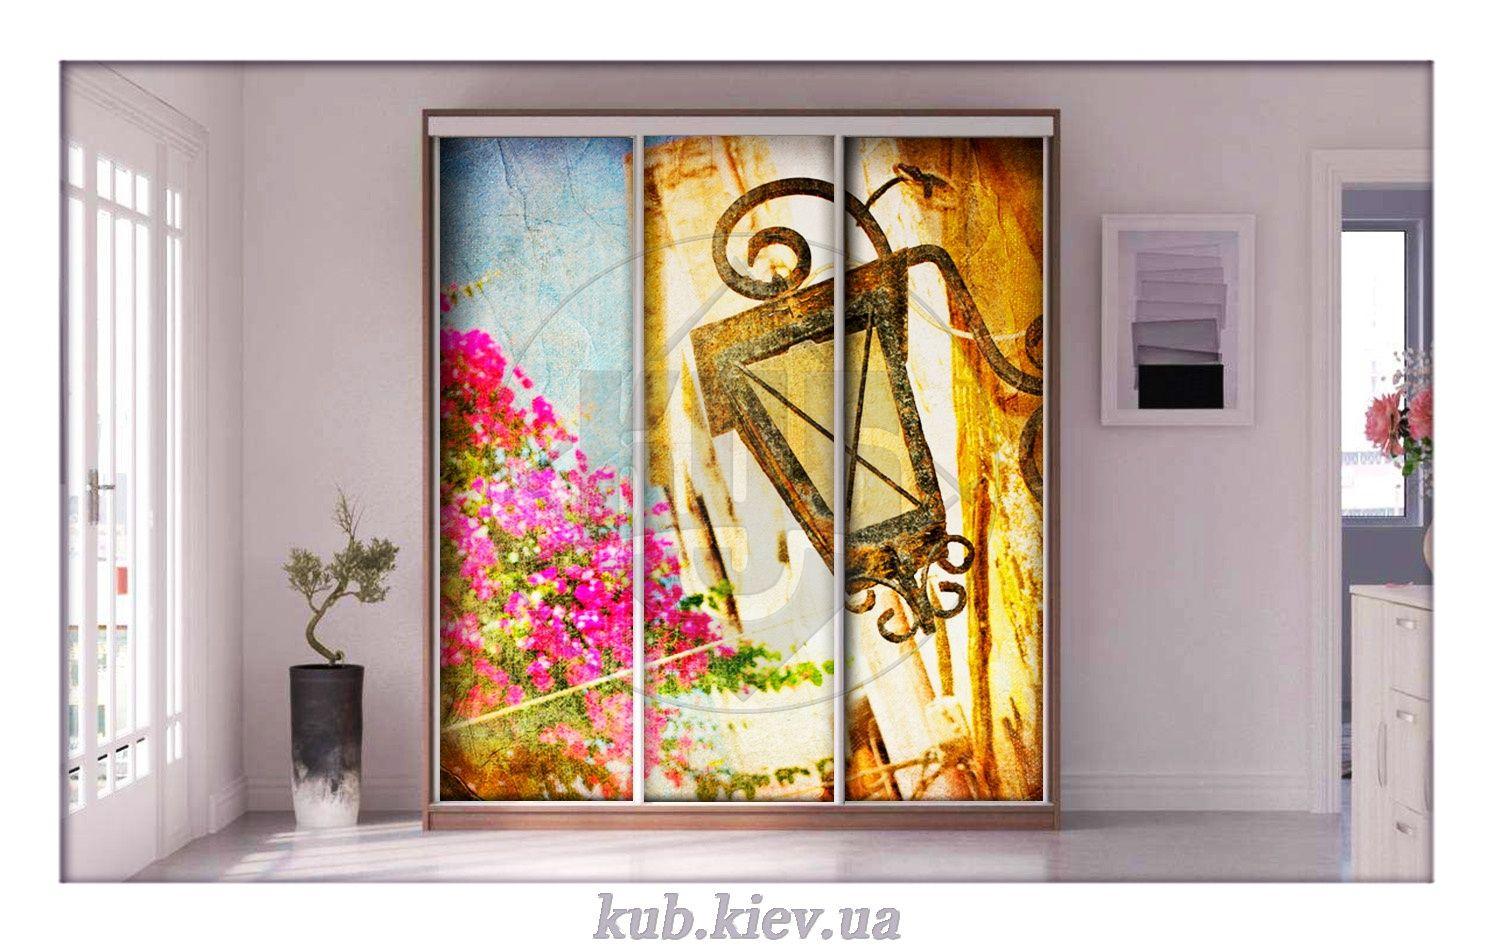 фотопечать для шкафа купе старинный фонарь и цветы дом